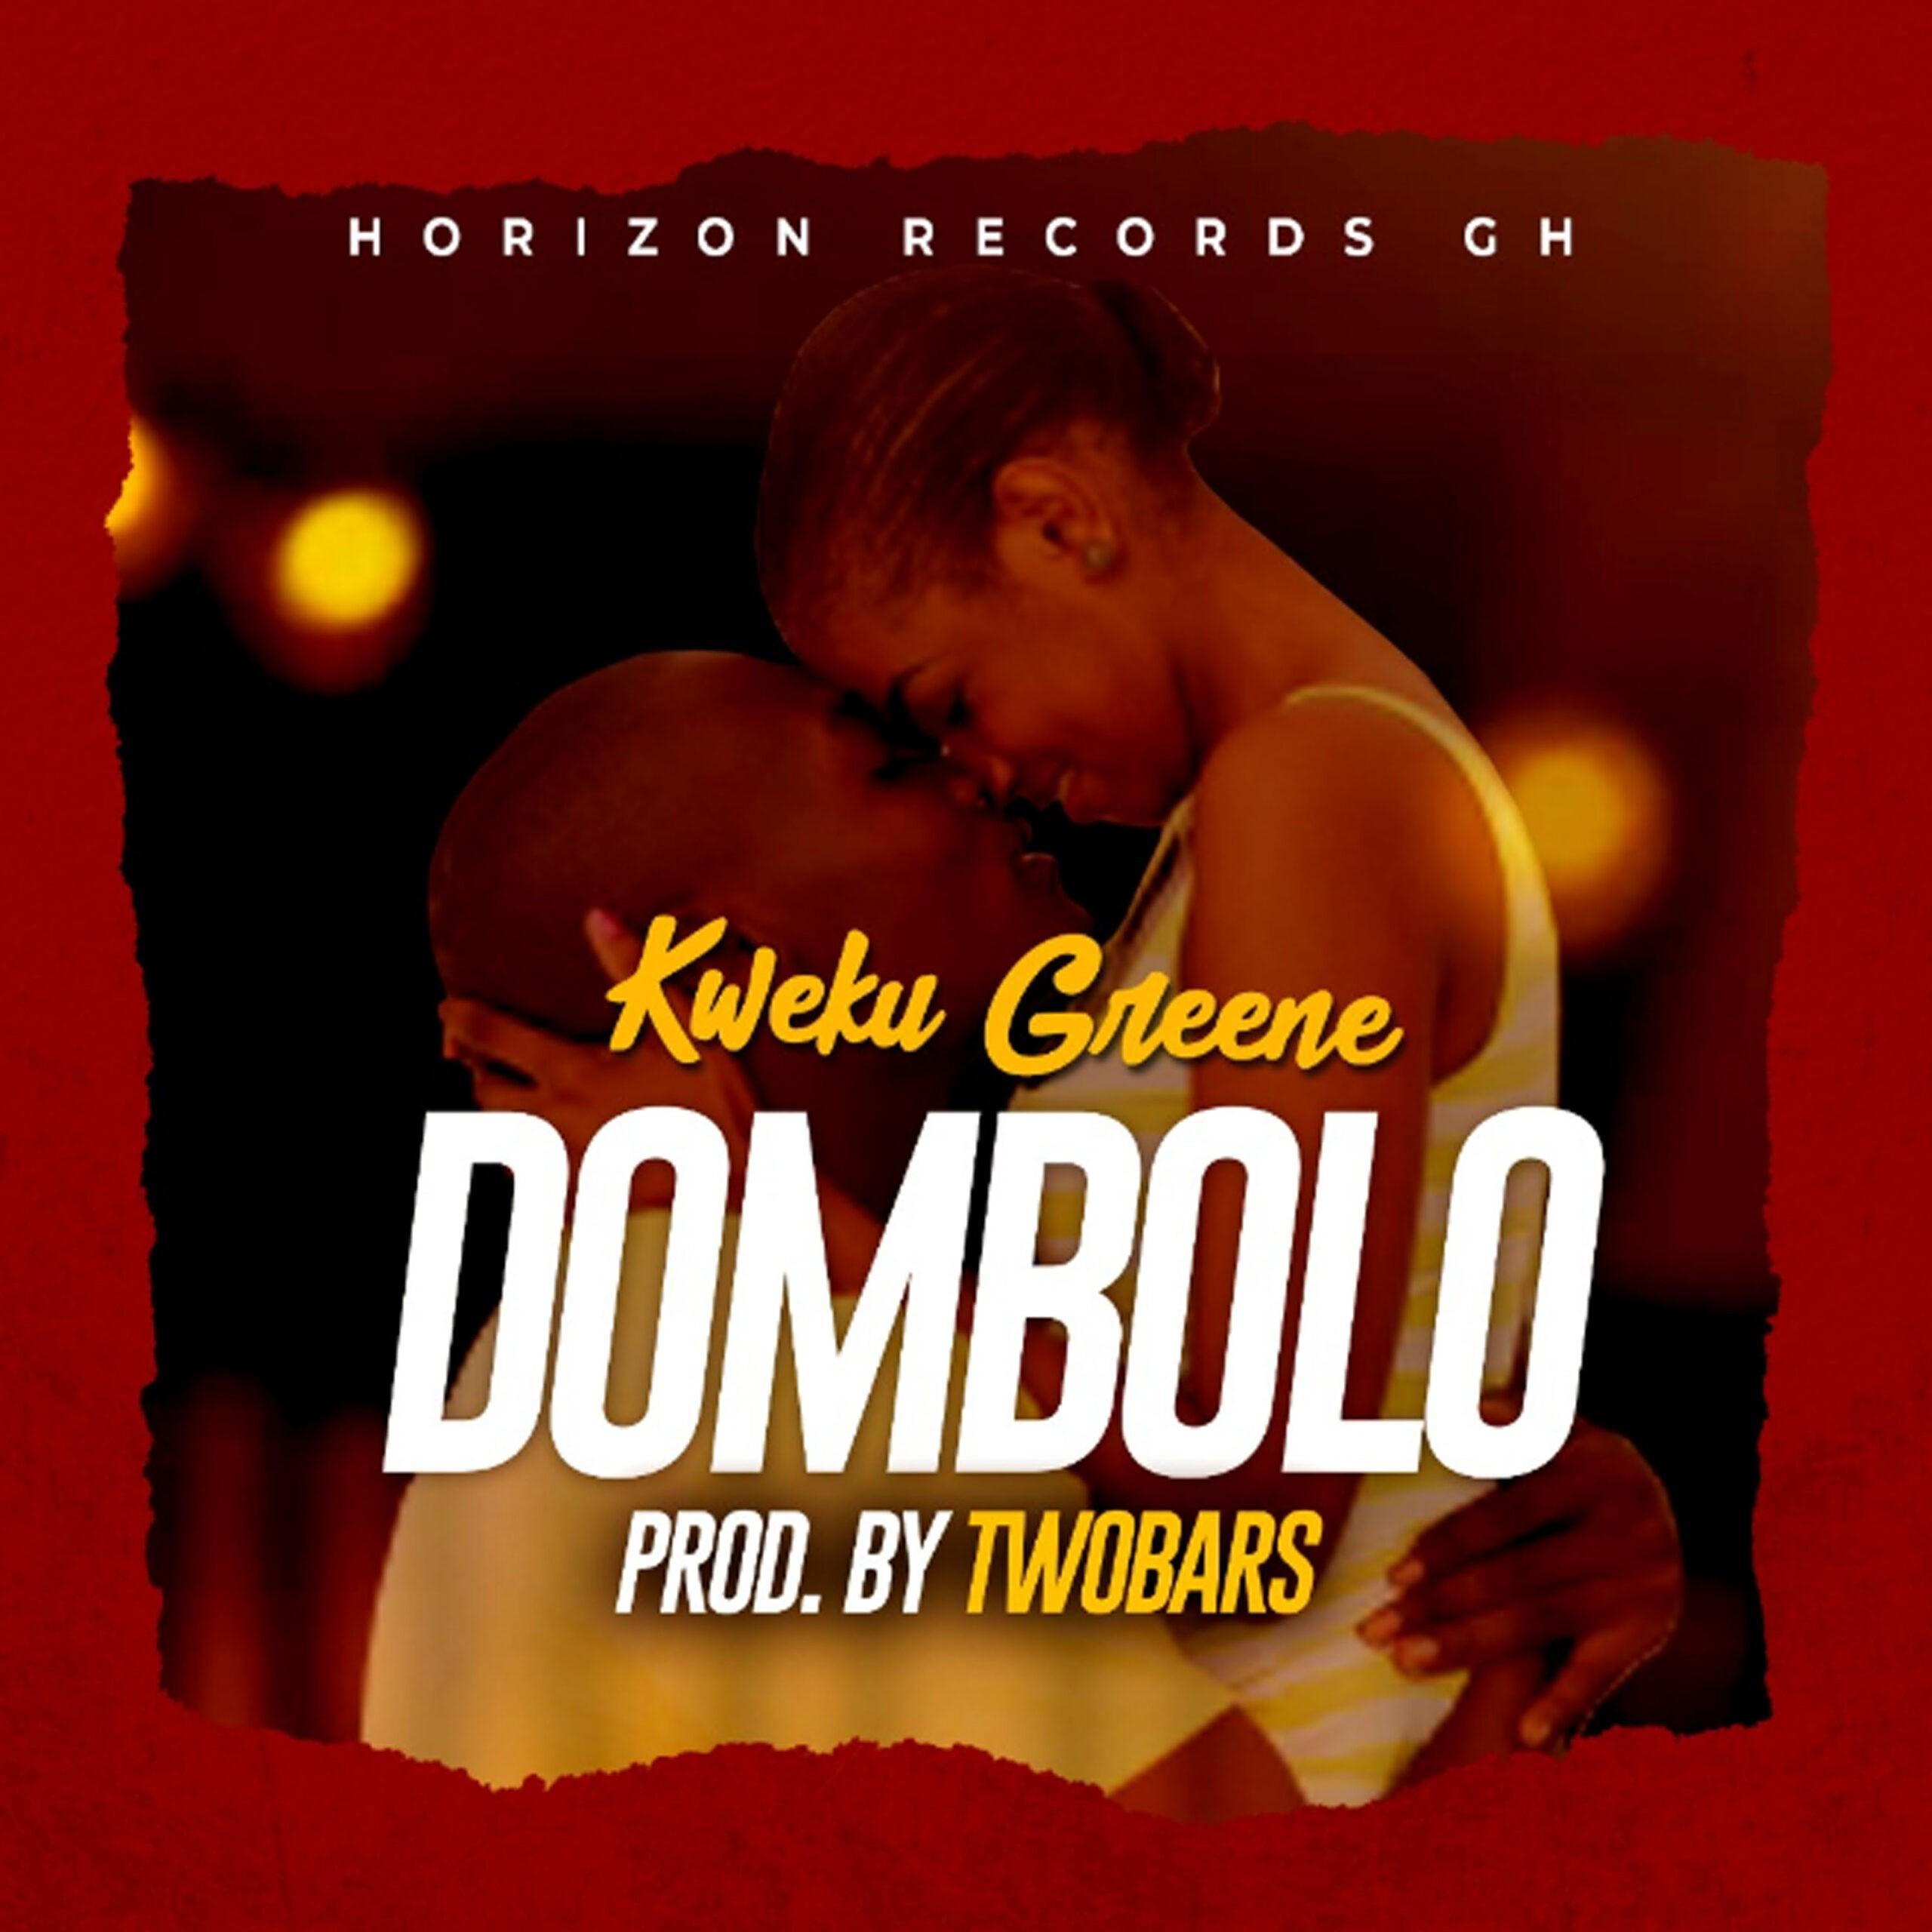 Kweku Greene – Dombolo (Prod by TwoBars)